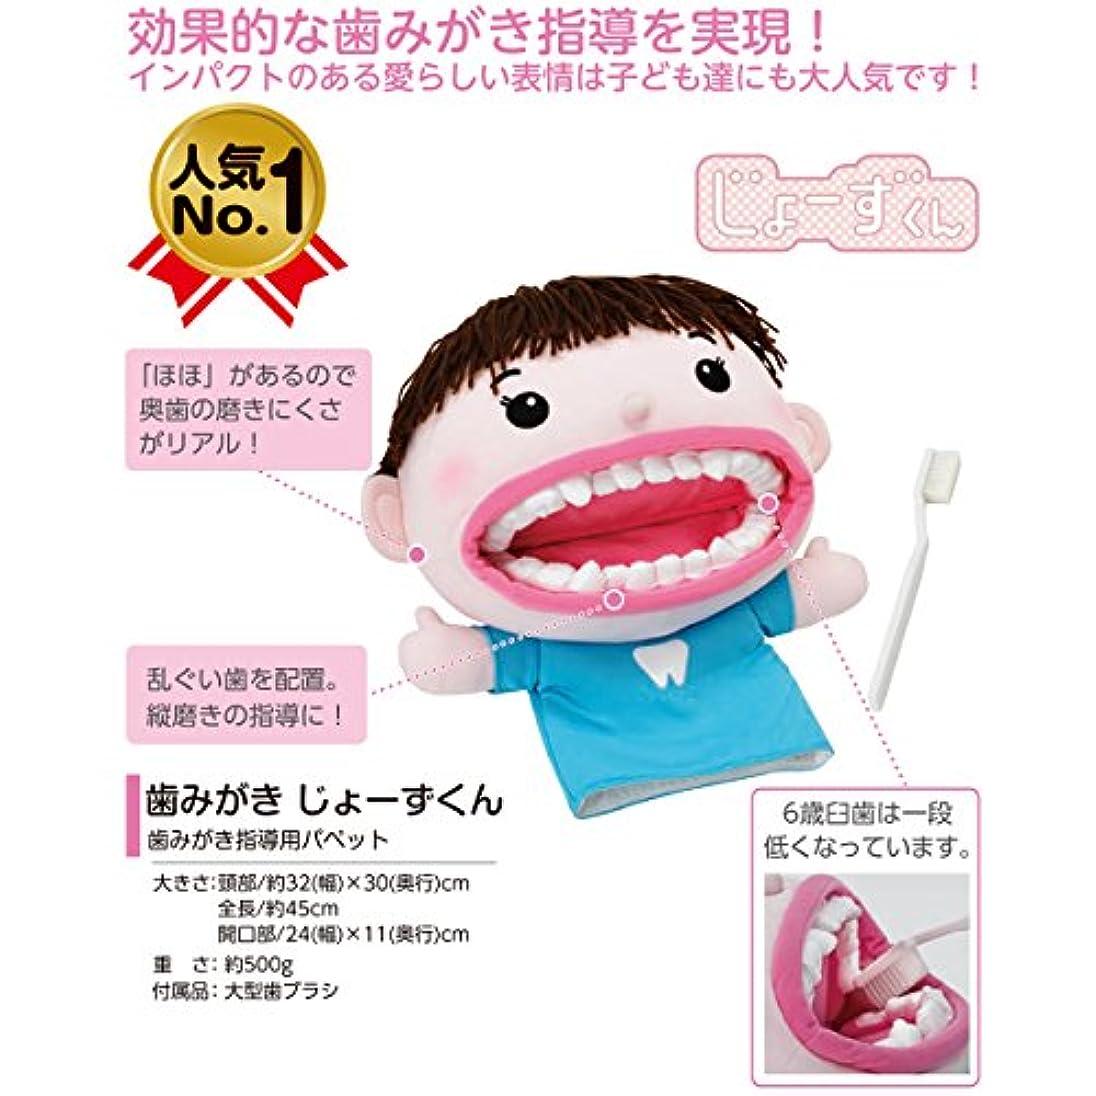 宿泊スロットバケツ歯みがき じょーずくん 歯磨き 指導用 教育用 パペット 人形 ぬいぐるみ